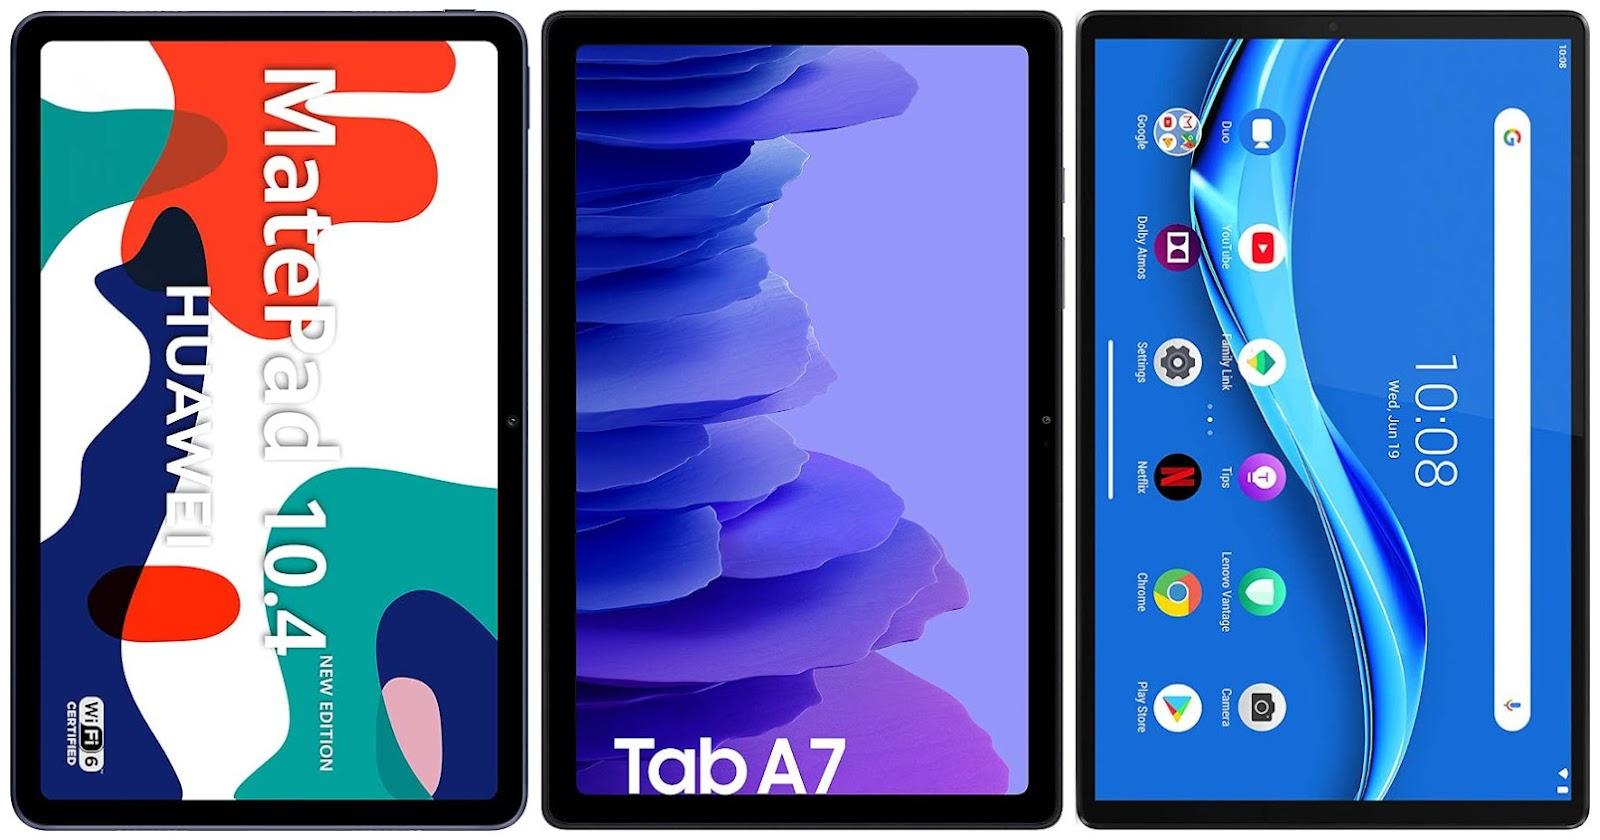 Huawei MatePad 10.4 New Ed. vs Samsung Galaxy Tab A7 10.4 vs Lenovo Tab M10 FHD Plus